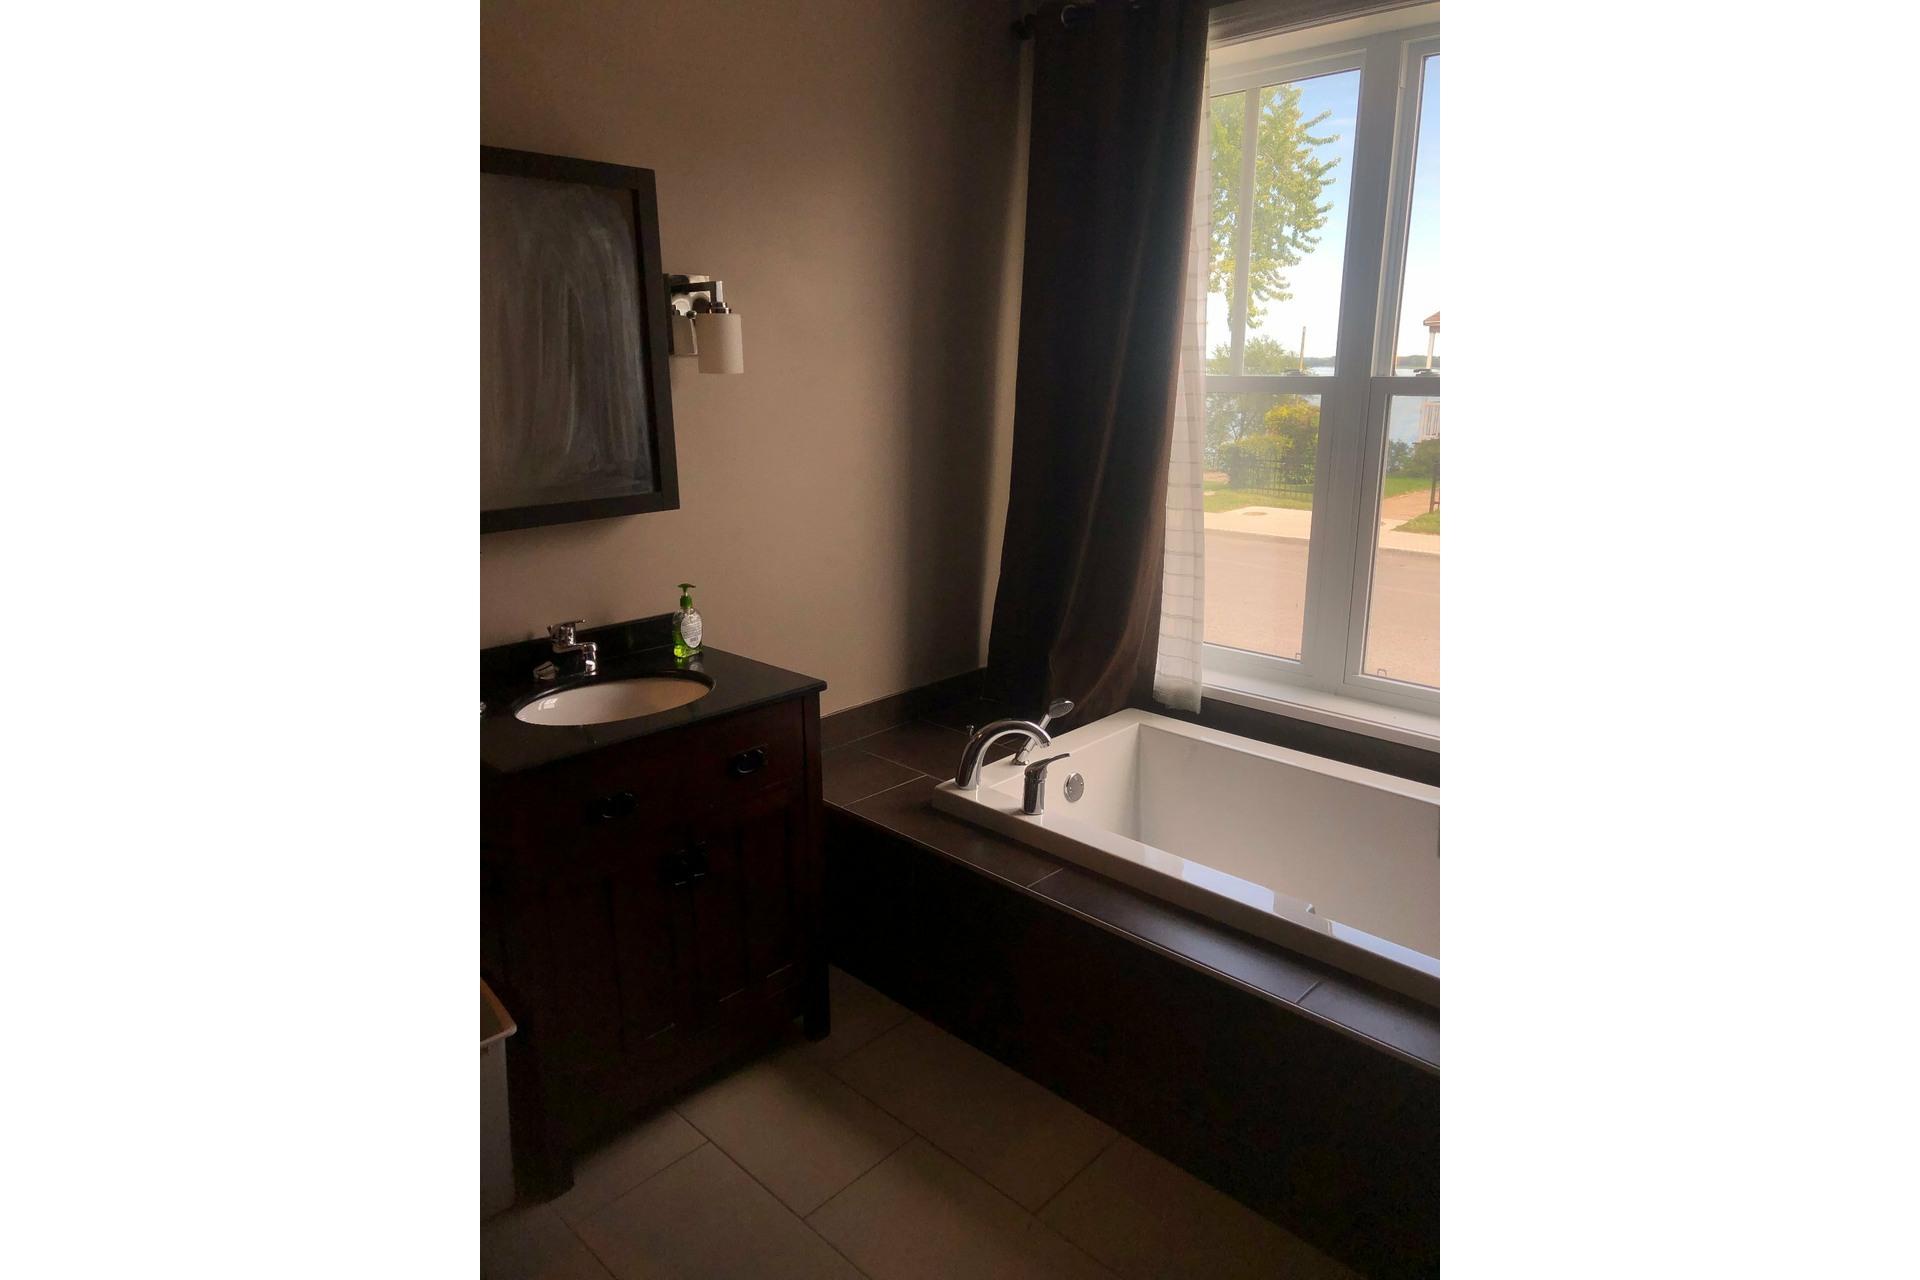 image 7 - House For rent Rivière-des-Prairies/Pointe-aux-Trembles Montréal  - 7 rooms